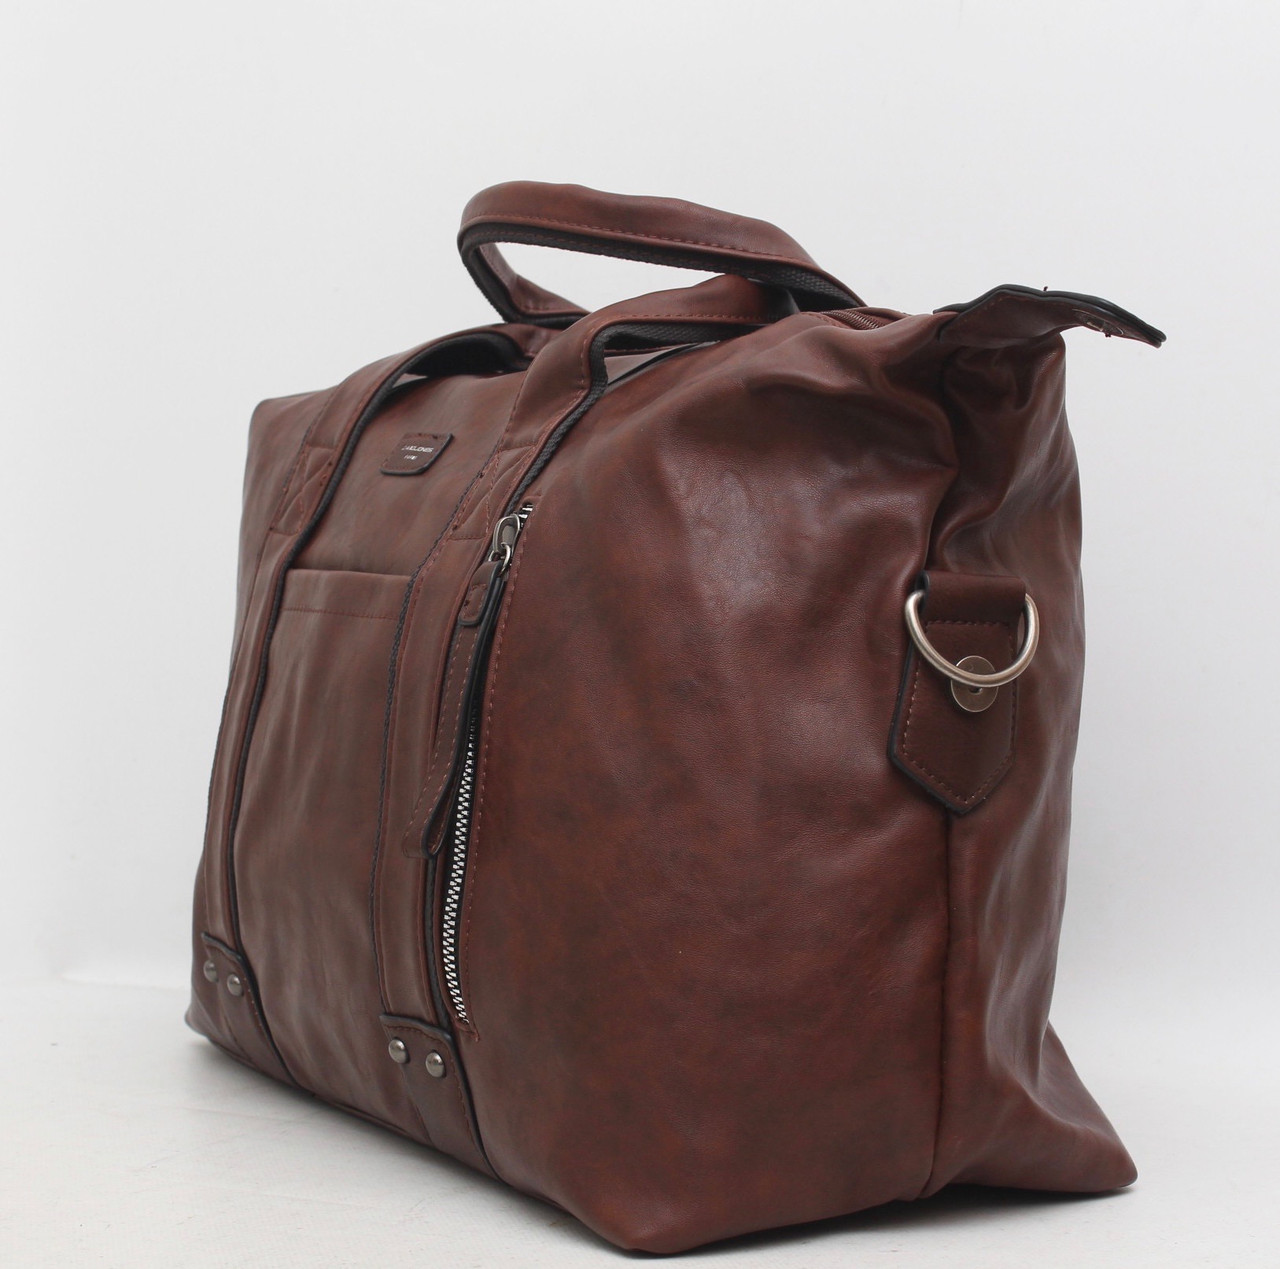 e94ef7dfaccb ... фото Мужская дорожная сумка David Jones в дорогу кожаная (кожа  искусственная) Дэвид Джонс, ...